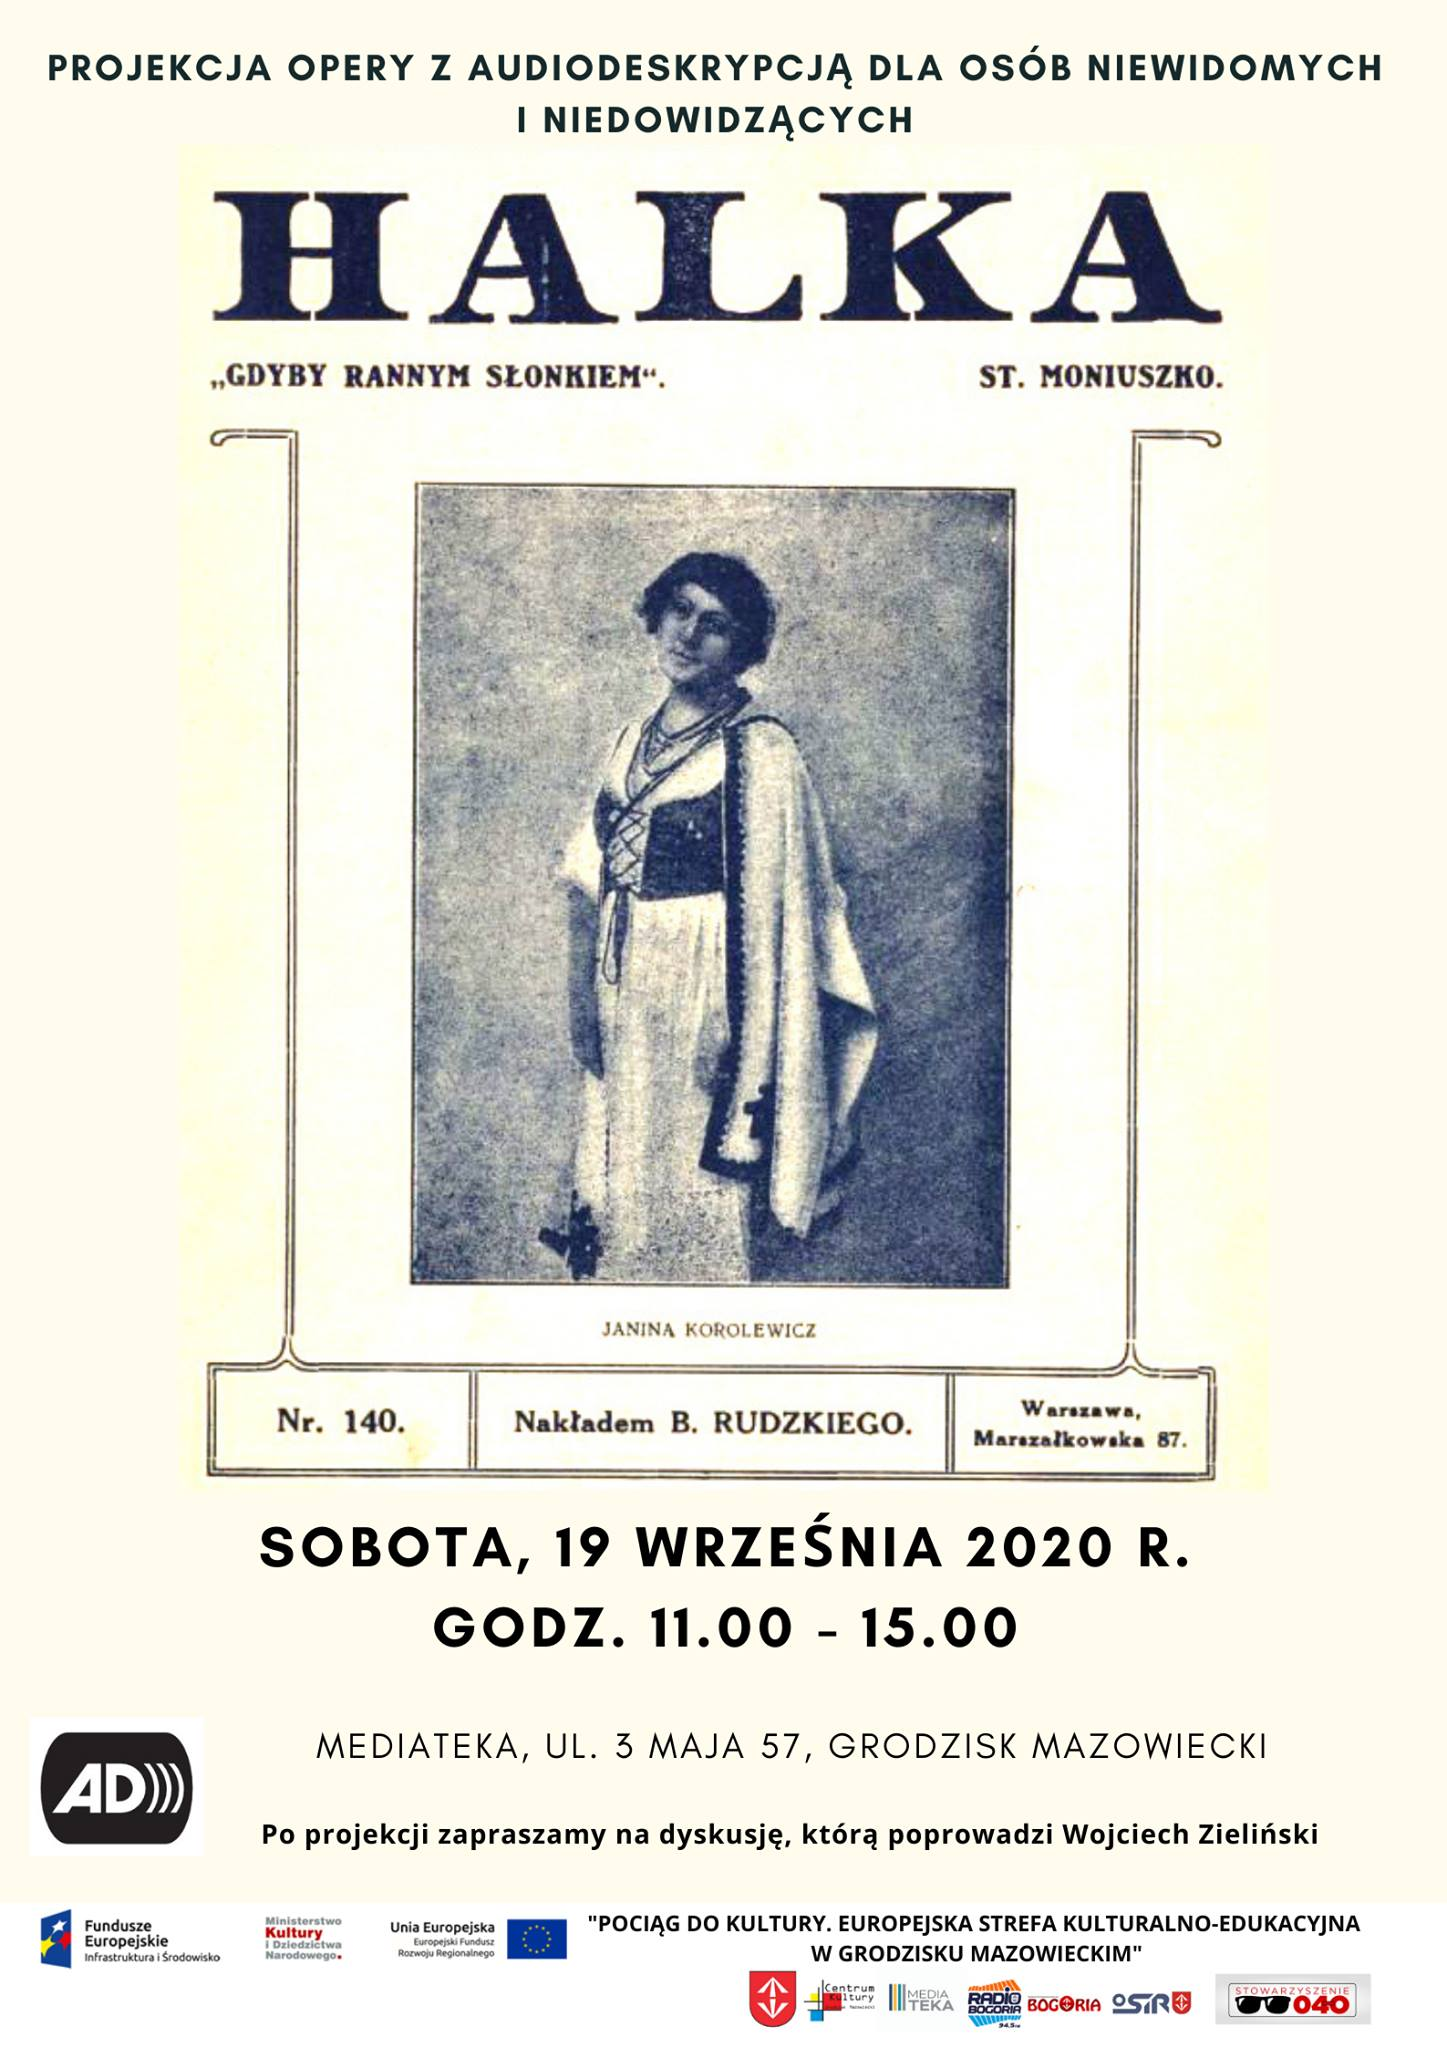 Plakat informujący o projekcji opery z audiodeskrypcją